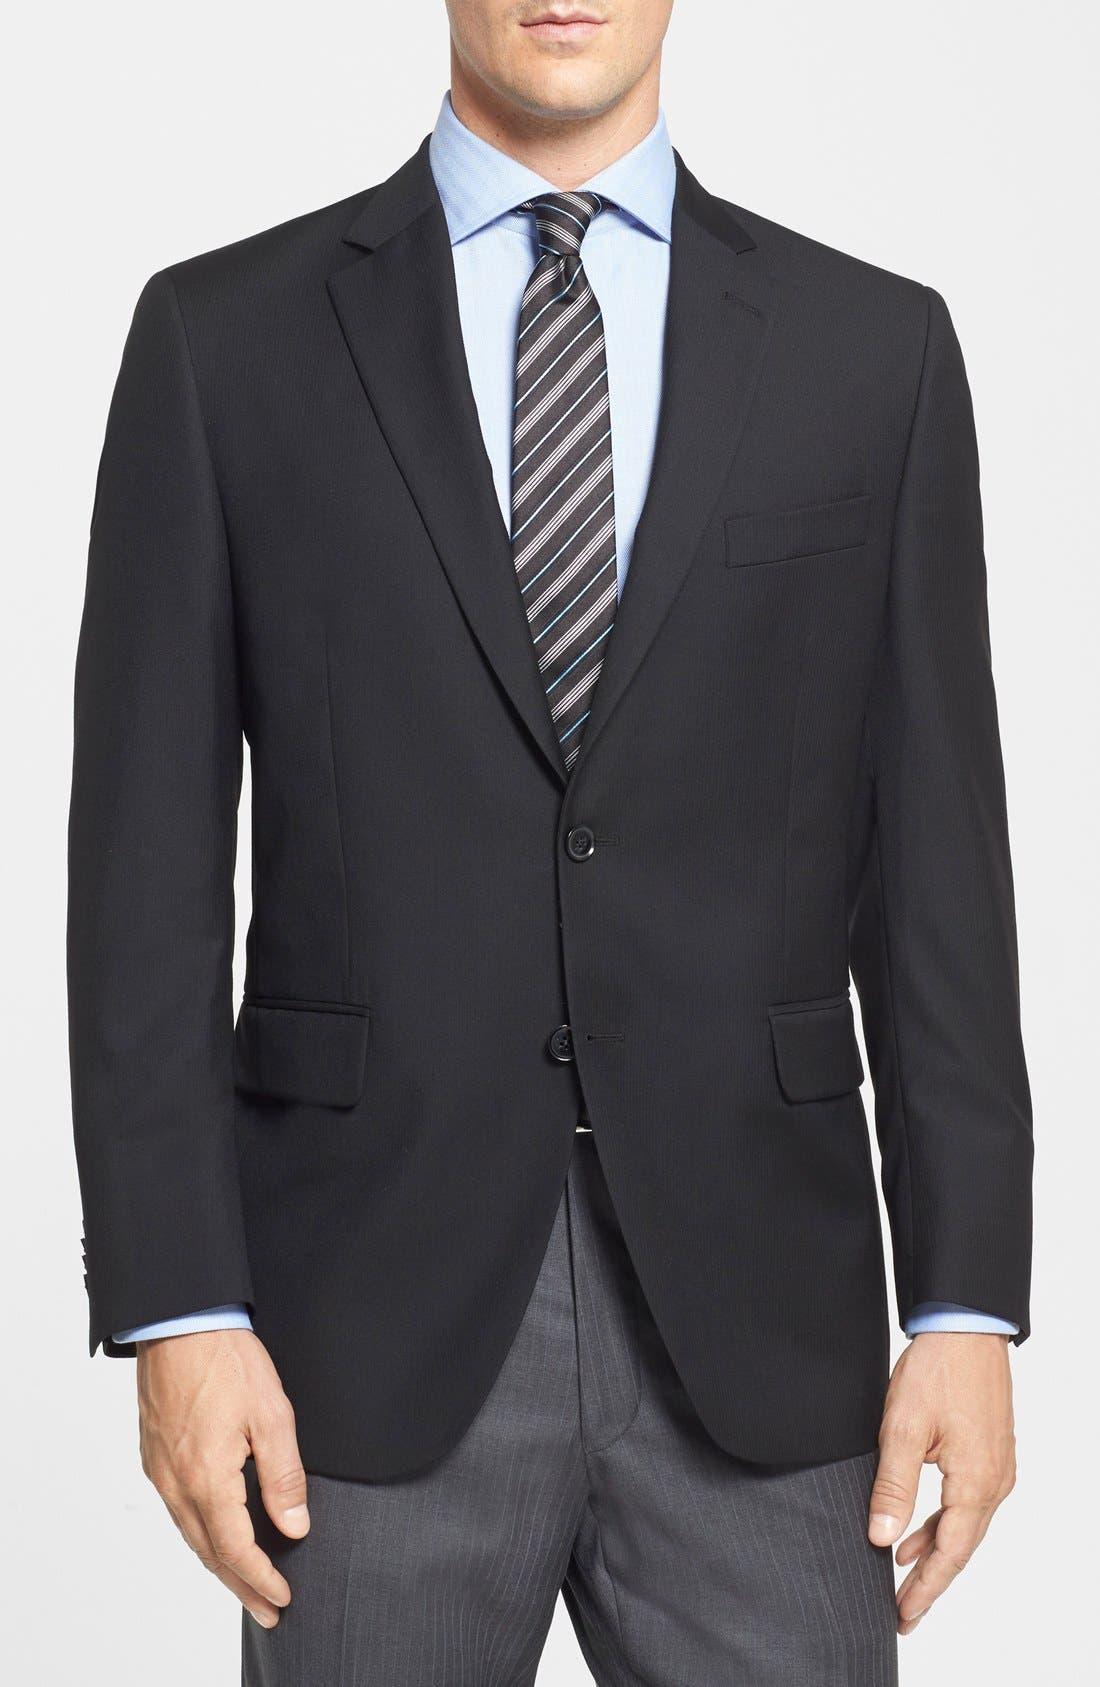 Alternate Image 1 Selected - Peter Millar Classic Fit Black Wool Sport Coat